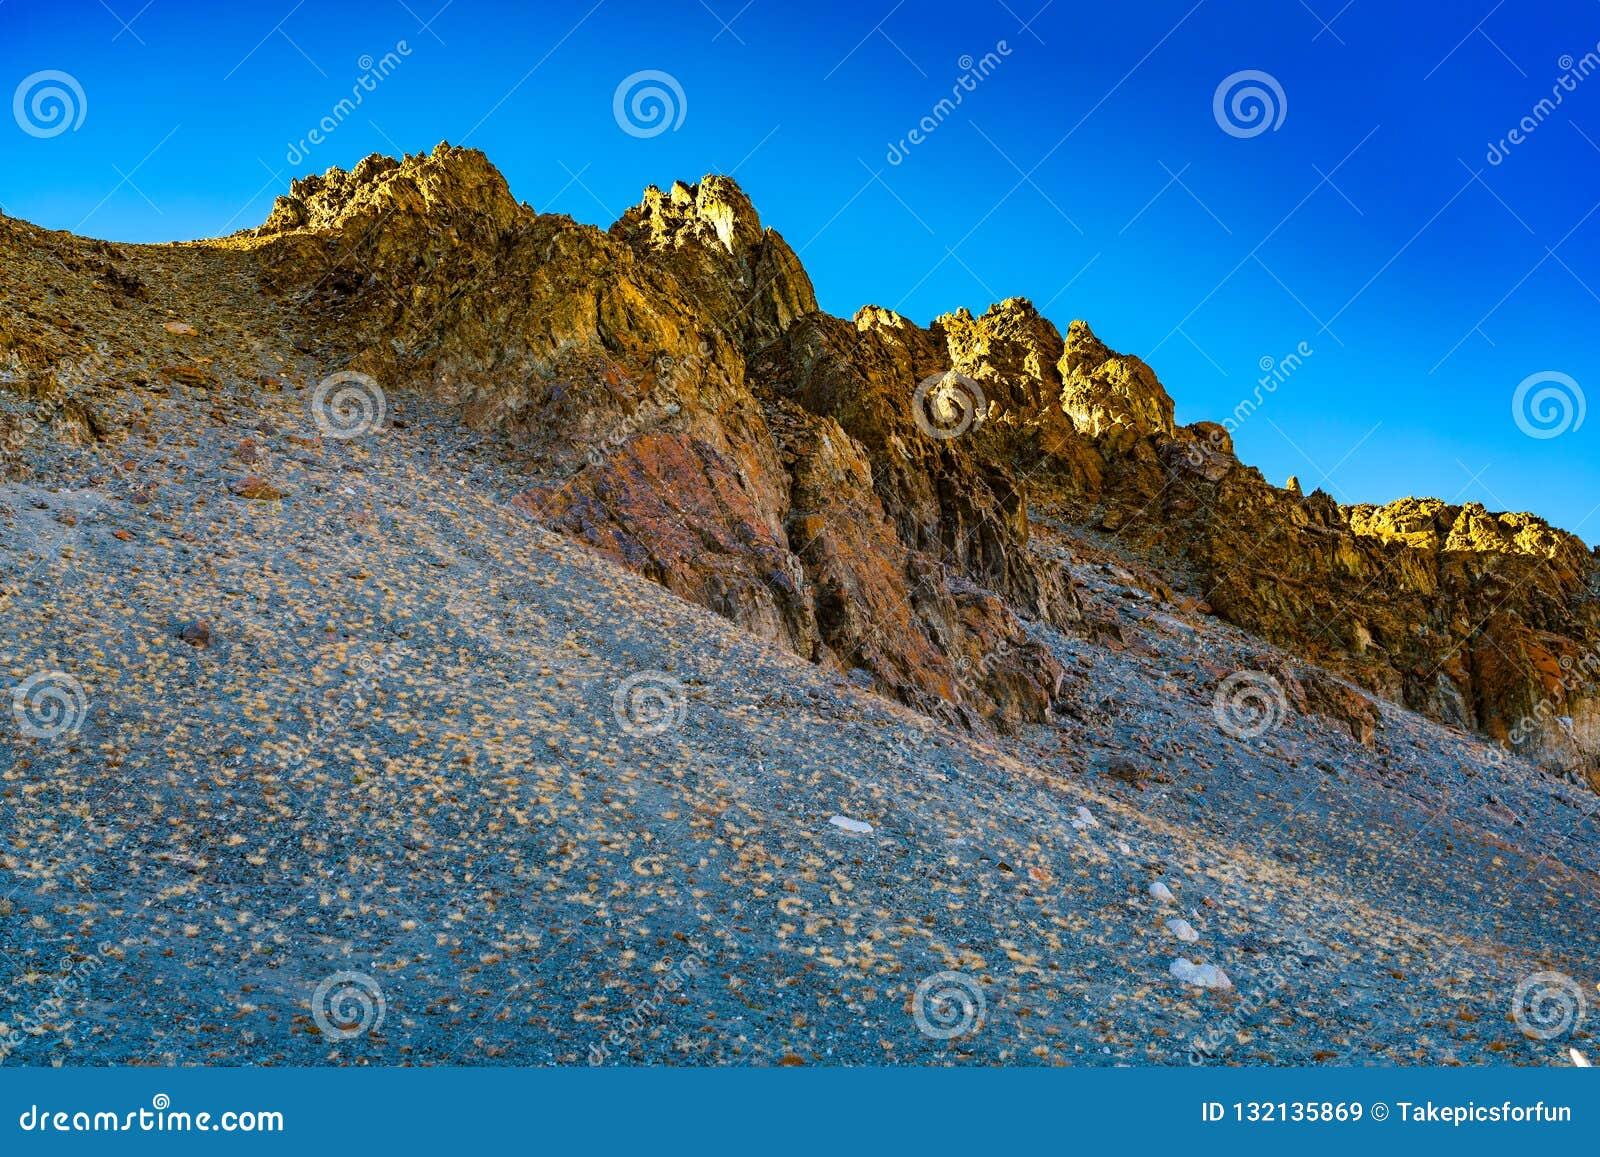 Όμορφο φως βραδιού πέρα από την κορυφή του καταπληκτικού βουνού